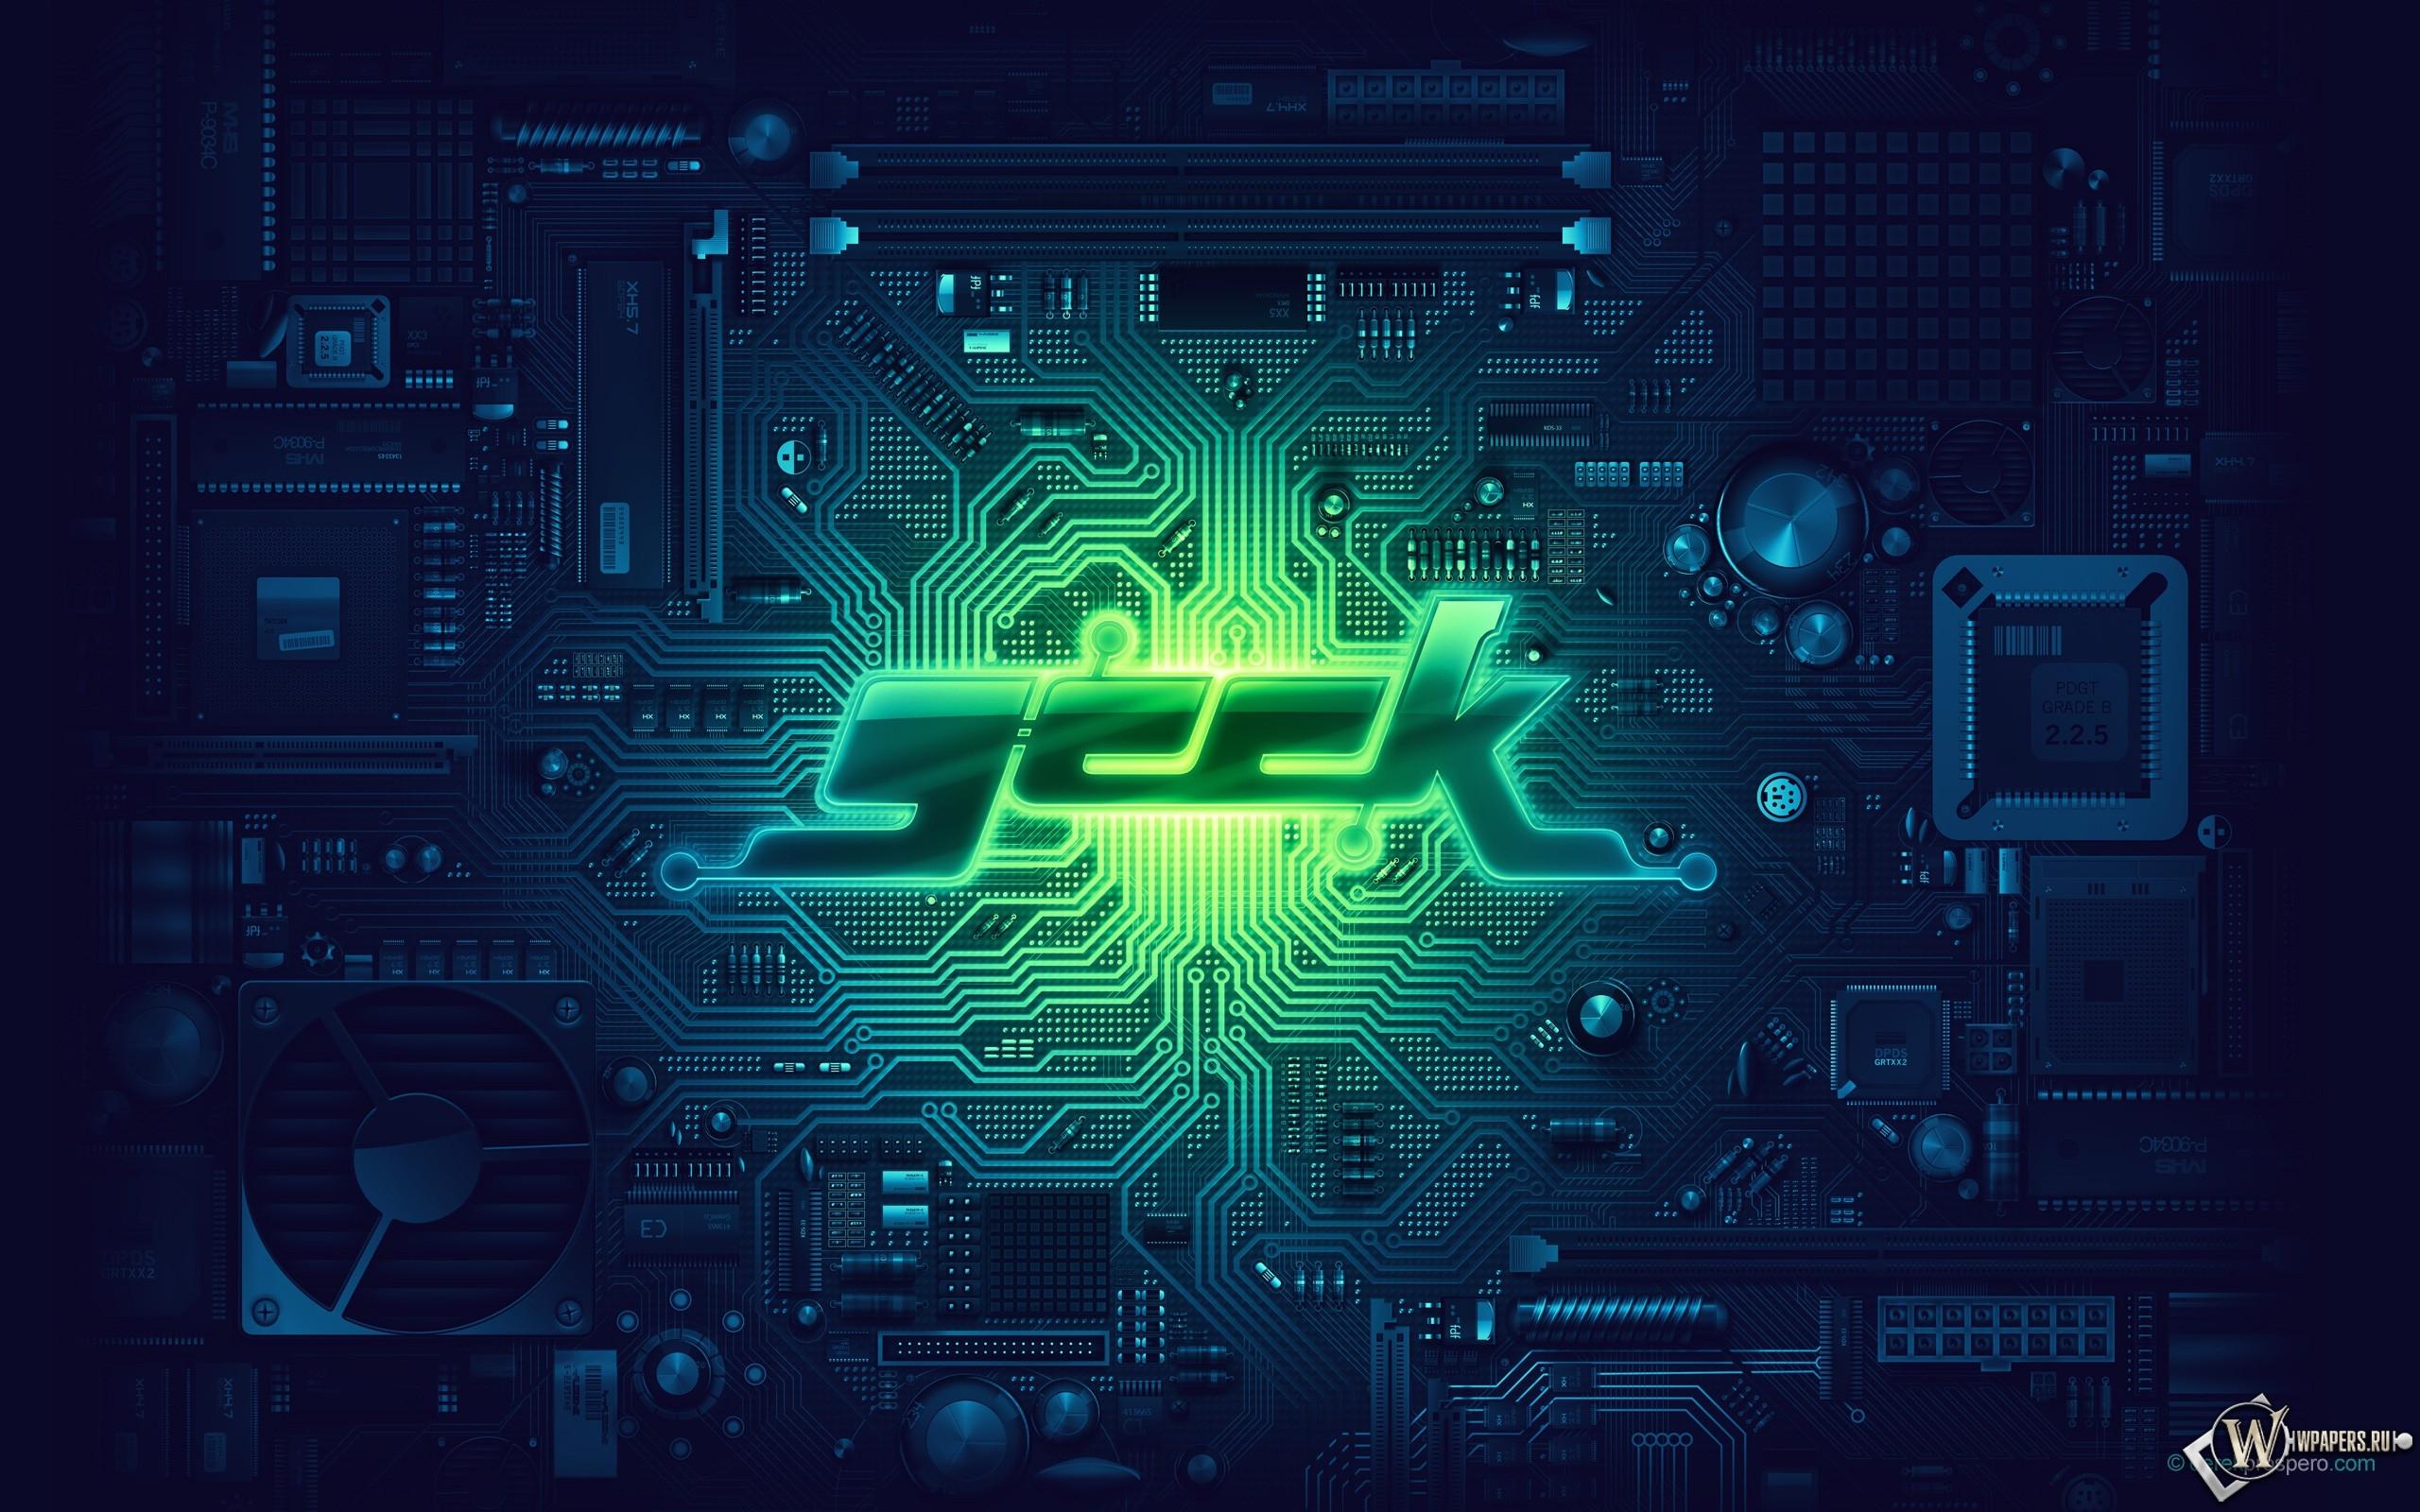 Geek 2560x1600